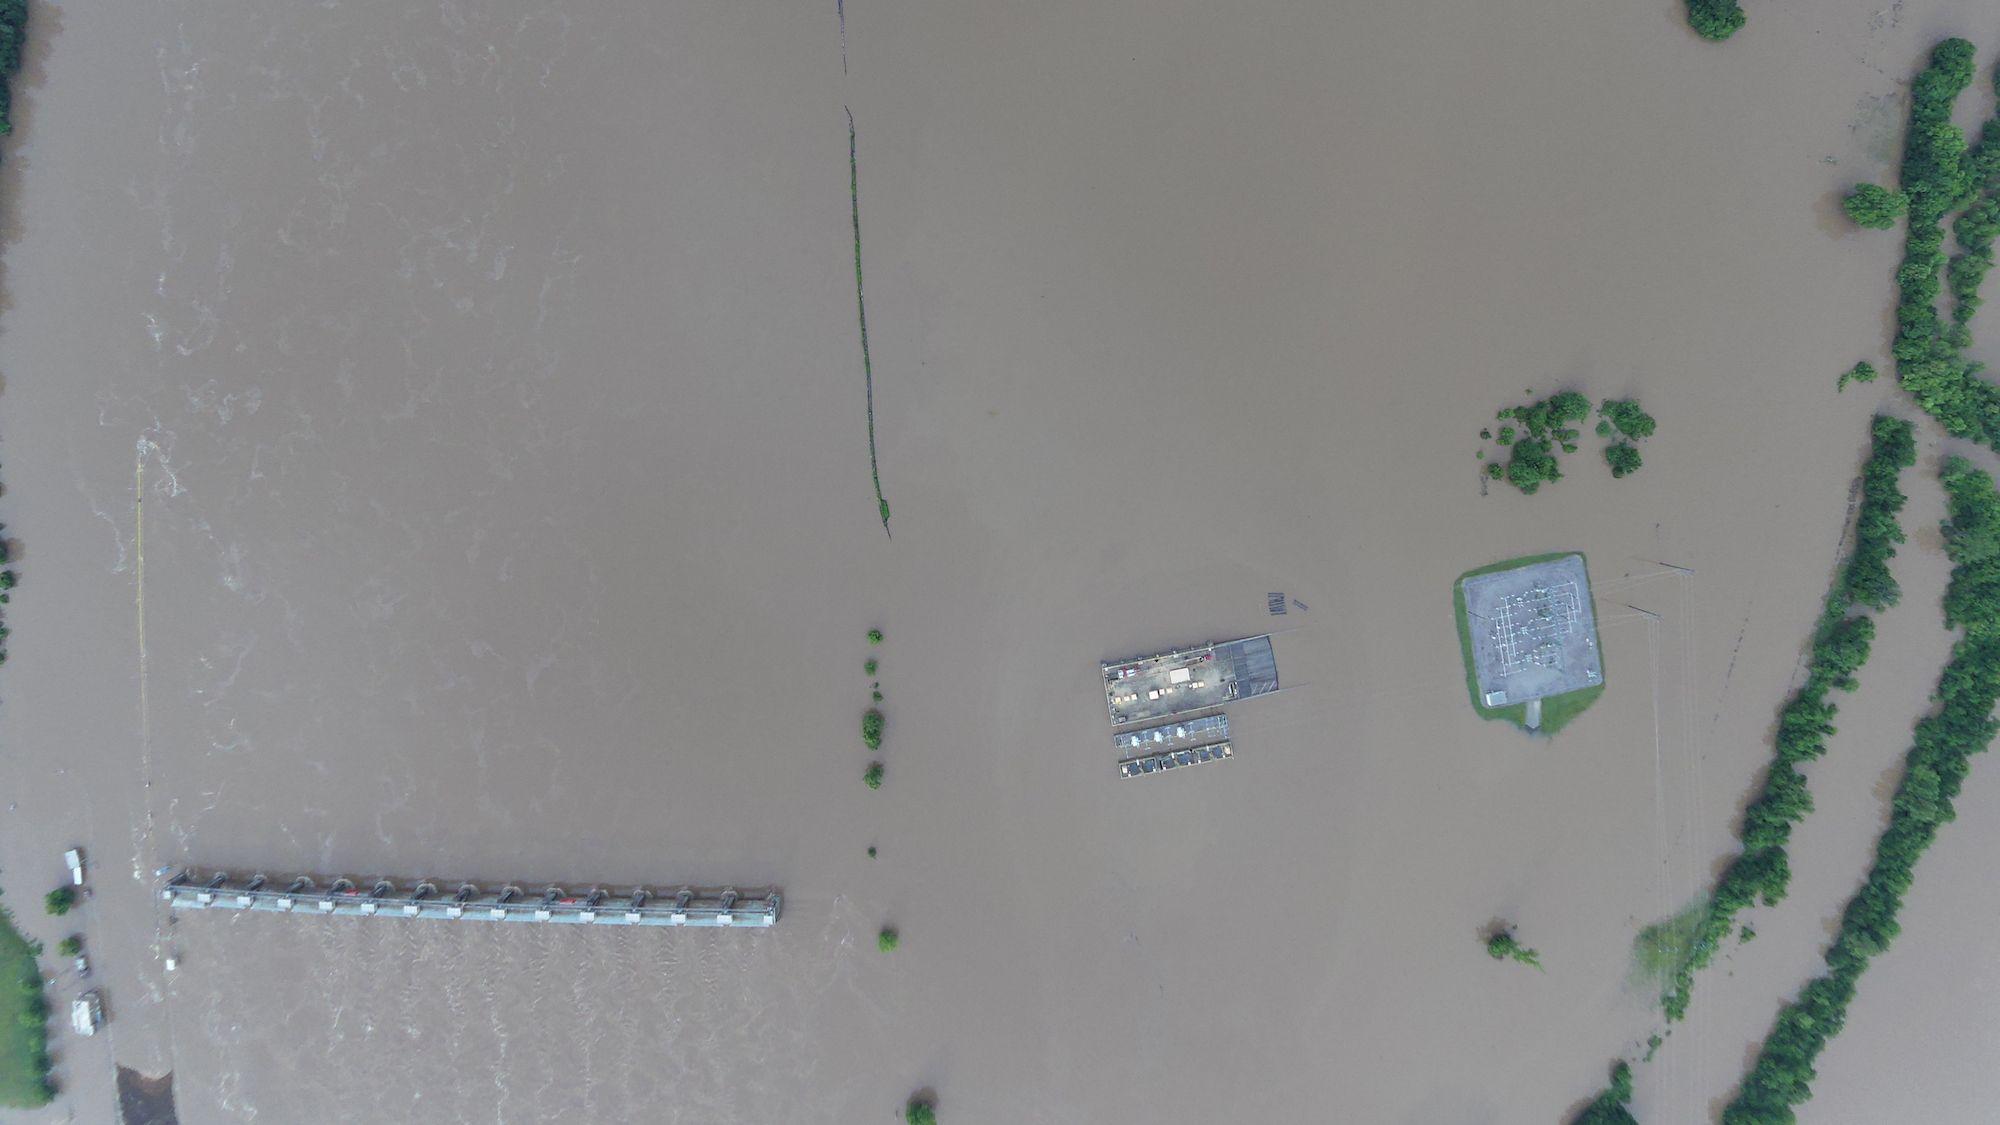 災害対応にAI活用を、MITが機械学習用の被災地画像を公開